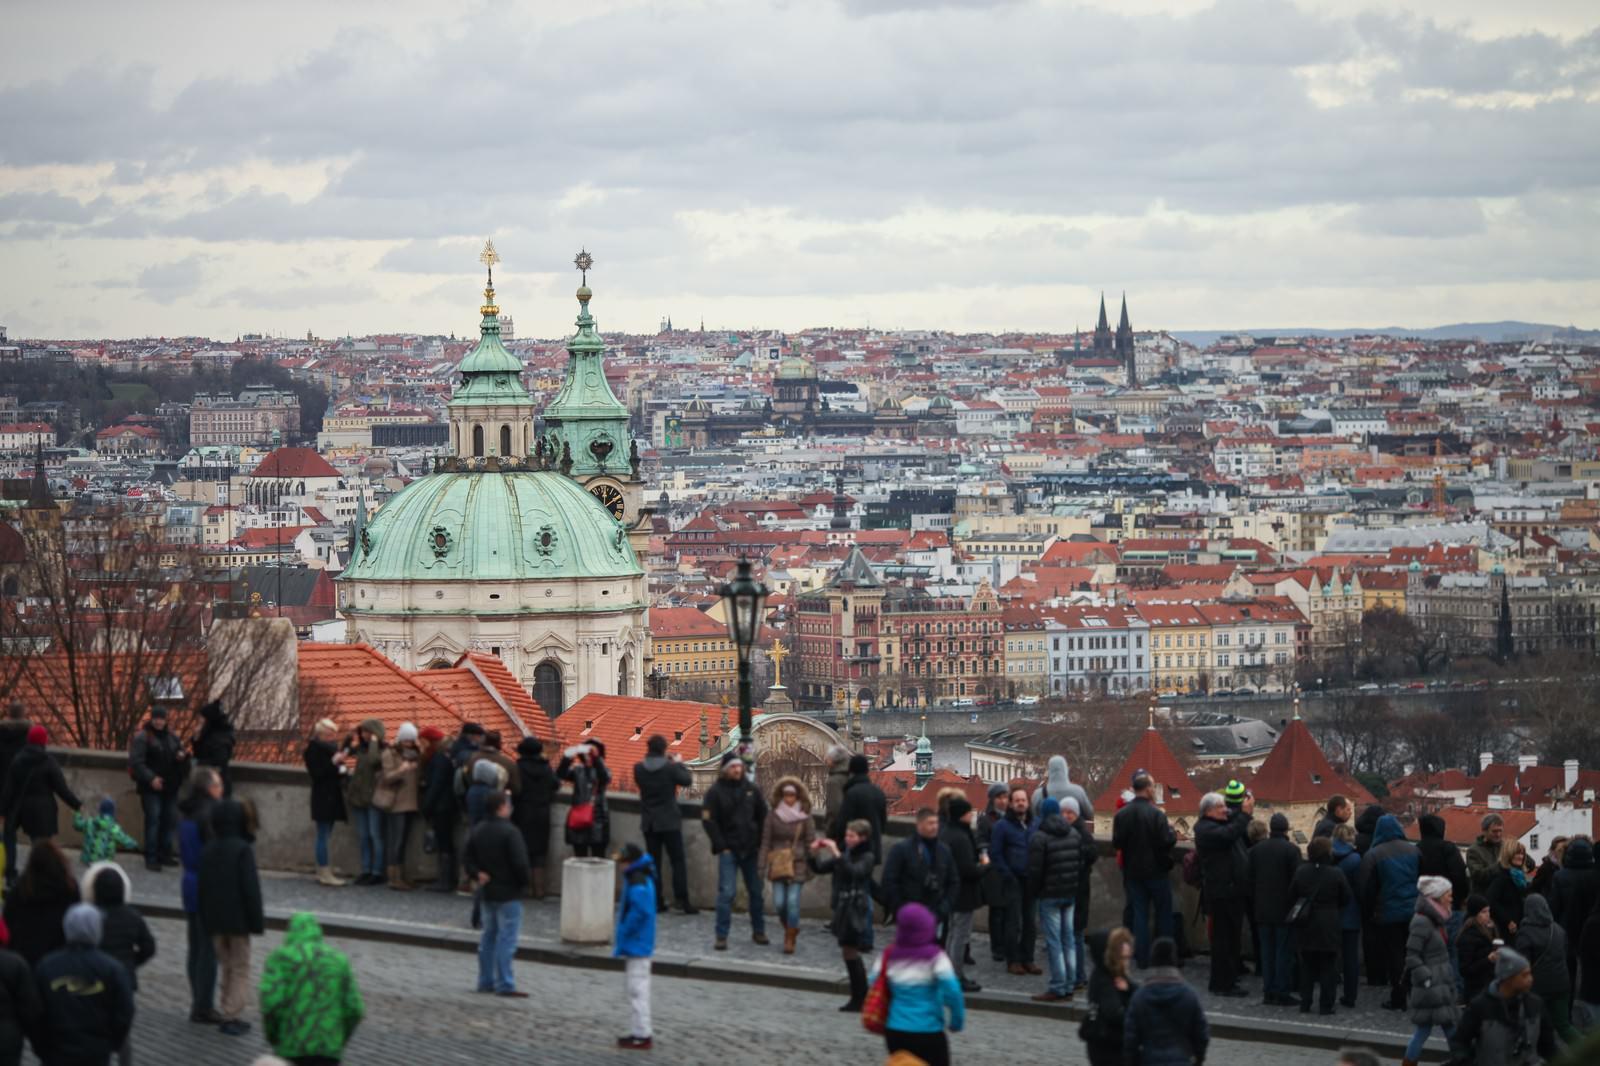 「観光客が集まるチェコ・プラハの街並み観光客が集まるチェコ・プラハの街並み」のフリー写真素材を拡大